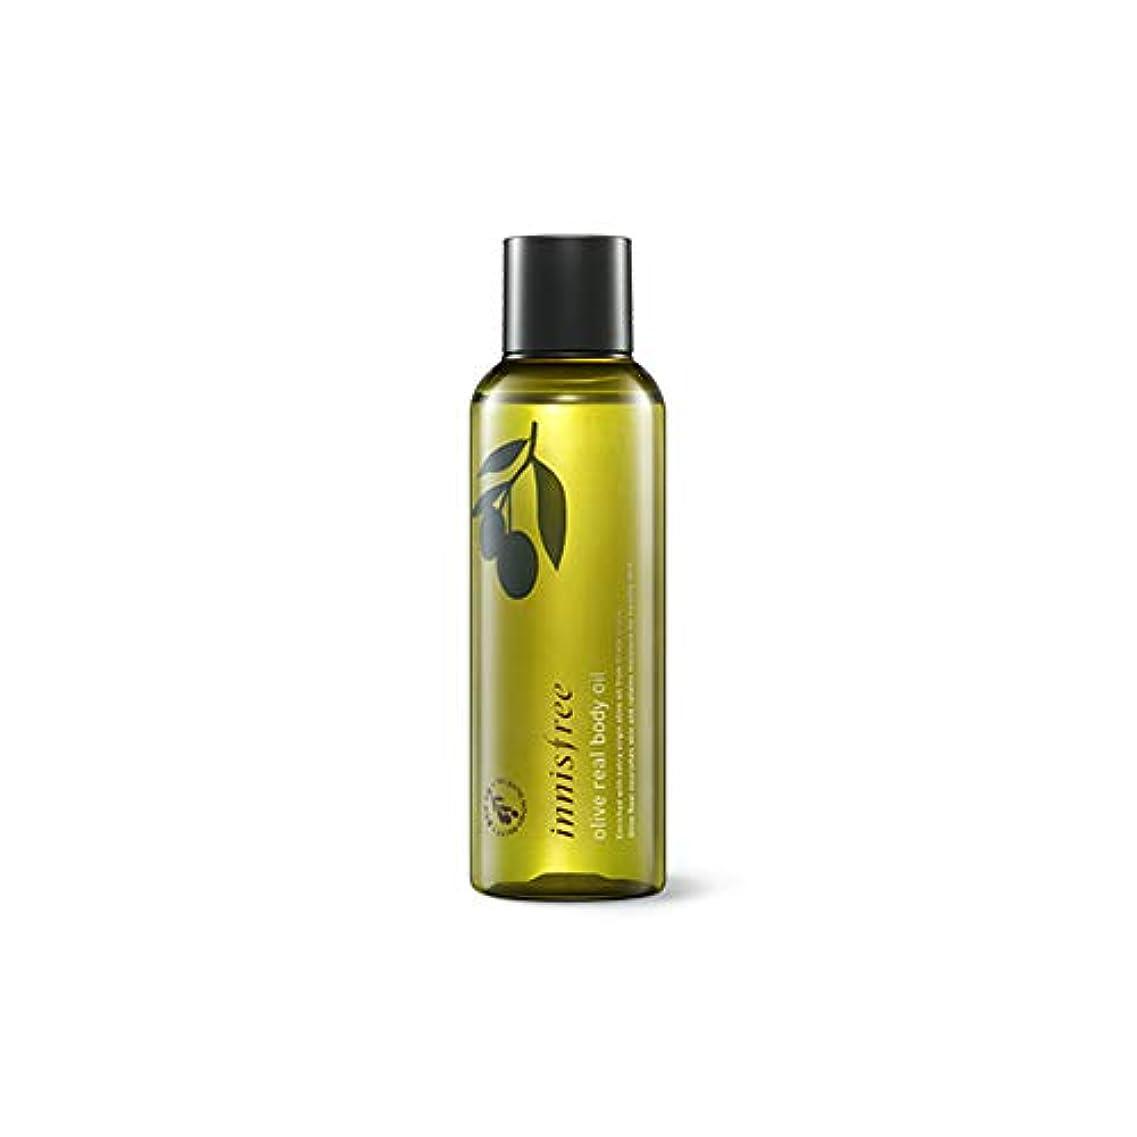 区不機嫌そうなブレスイニスフリー Innisfree オリーブリアルボディーオイル(150ml) Innisfree Olive Real Body Oil(150ml) [海外直送品]